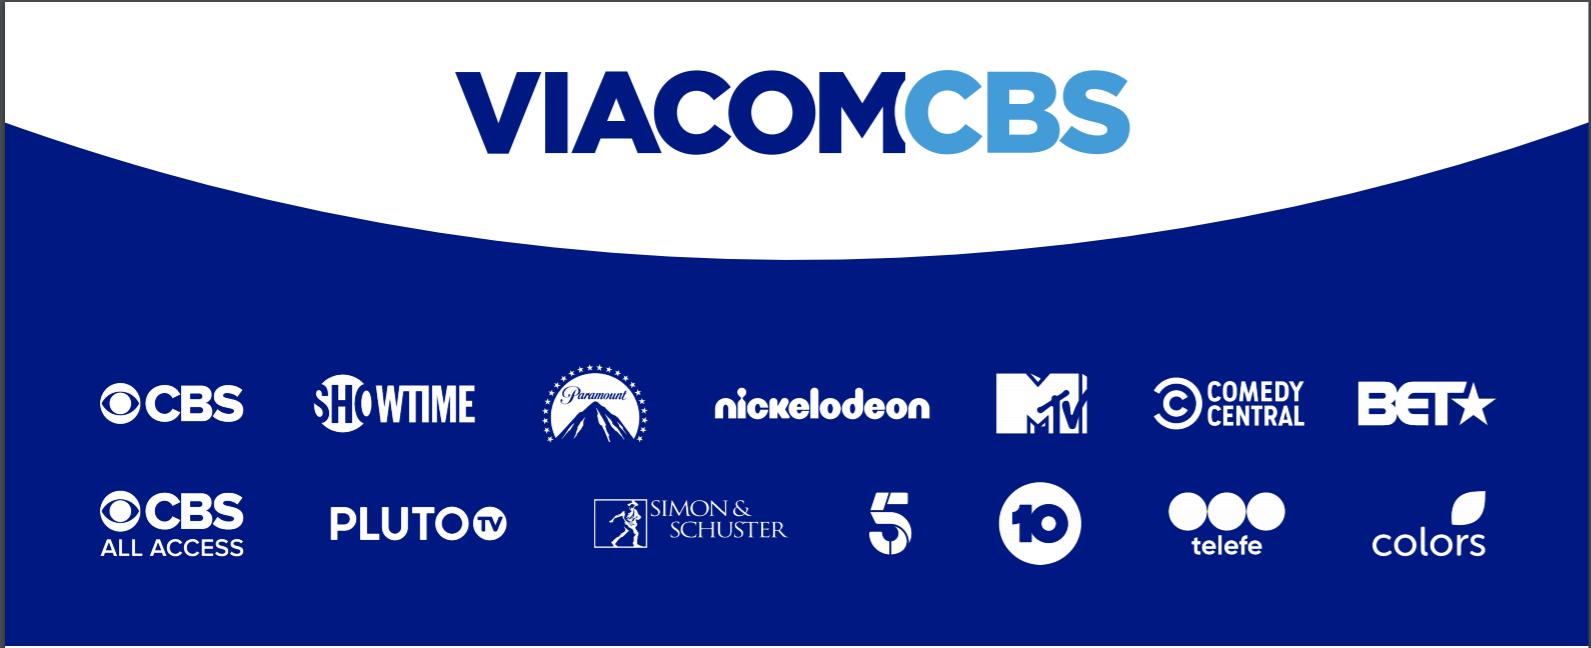 ViacomCBS lanzará nuevo servicio de streaming en 2021 - TVLaint